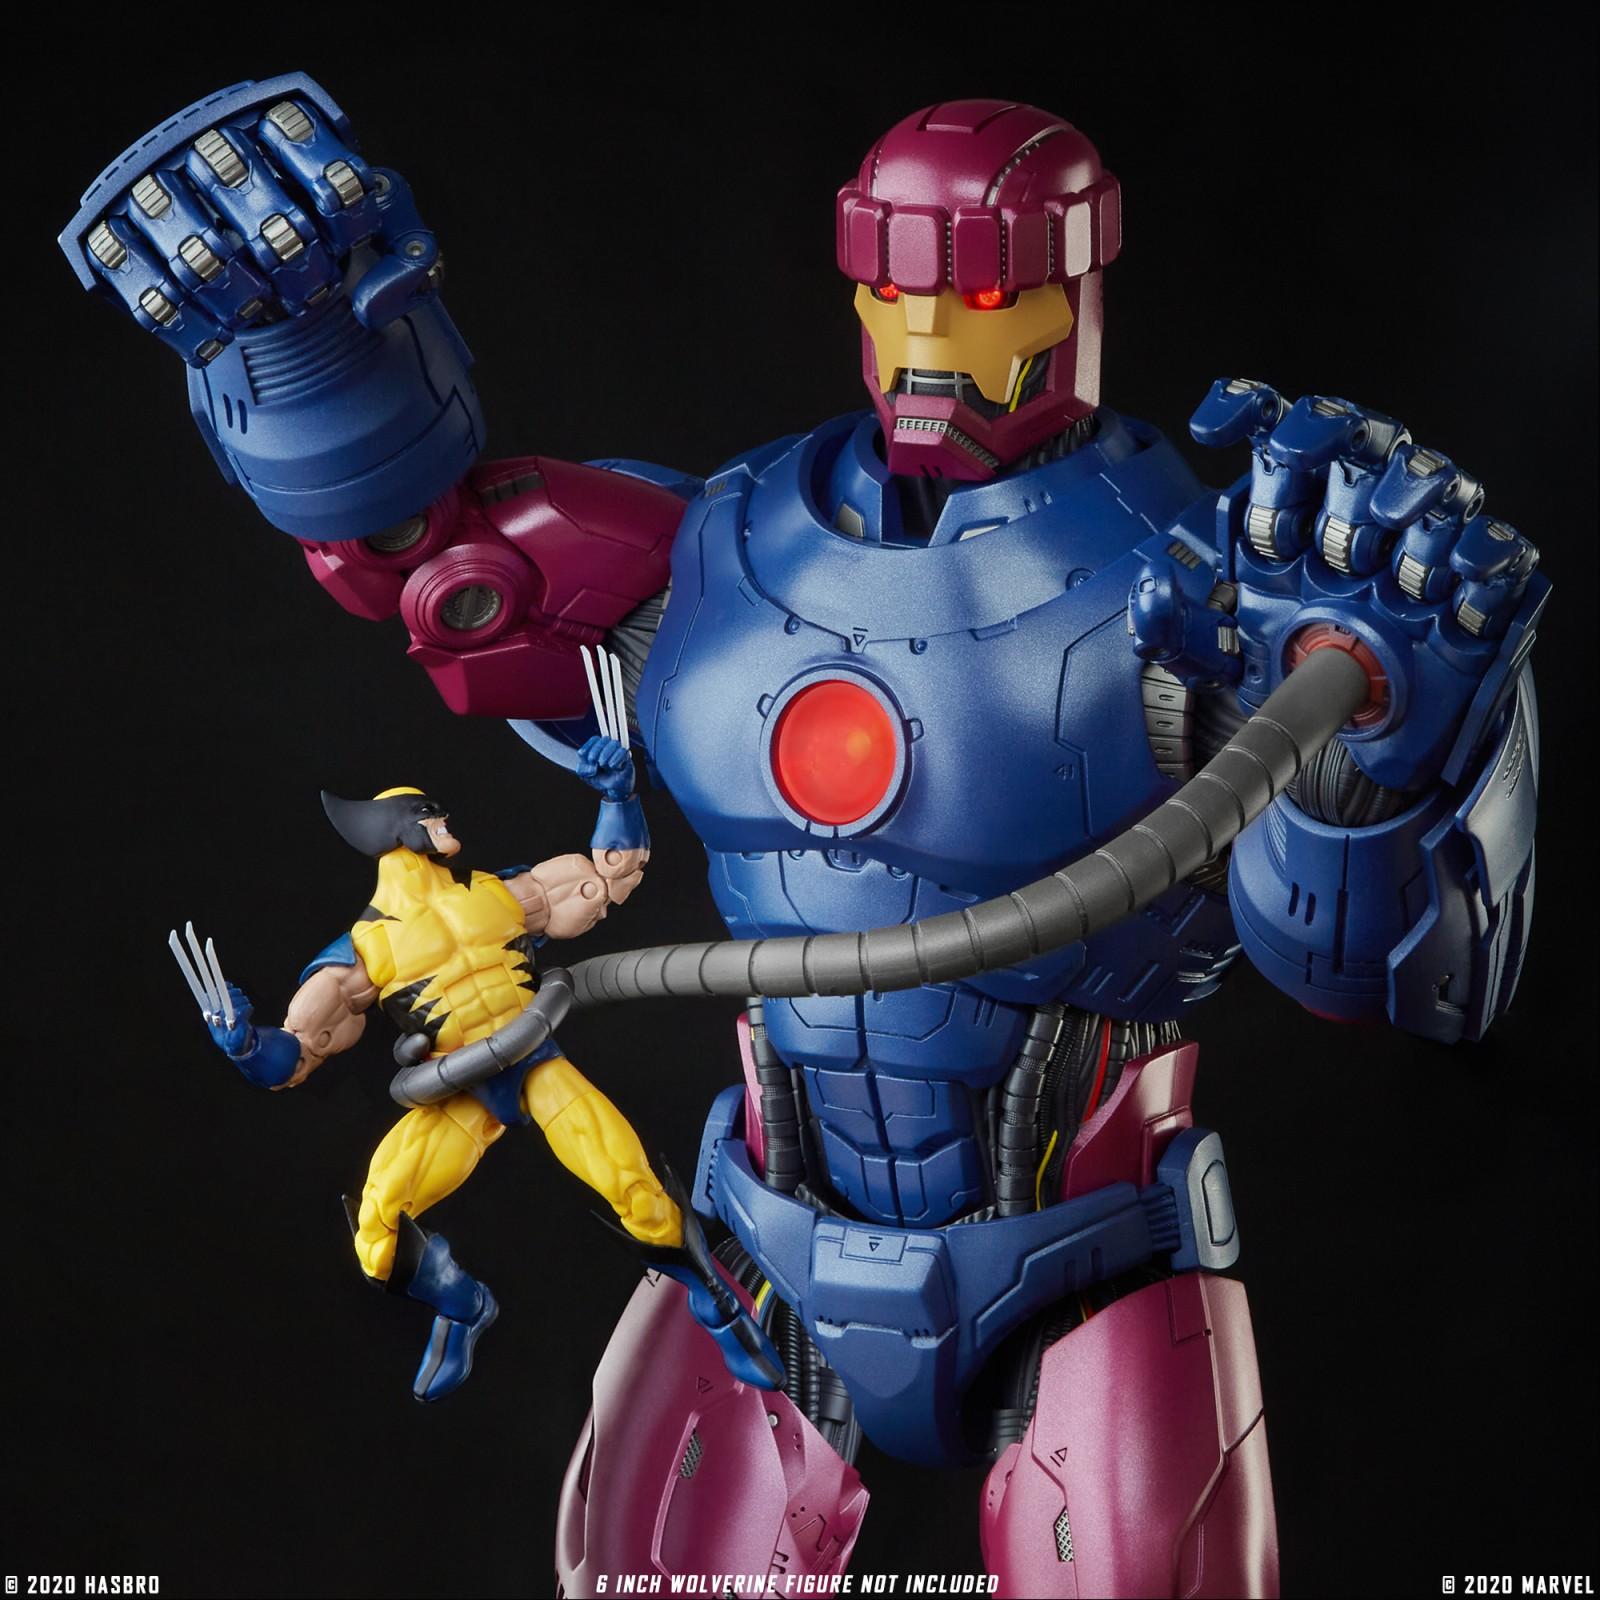 ¡Hasbro traerá el gigantesco Centinela de los X-Men a México! 5